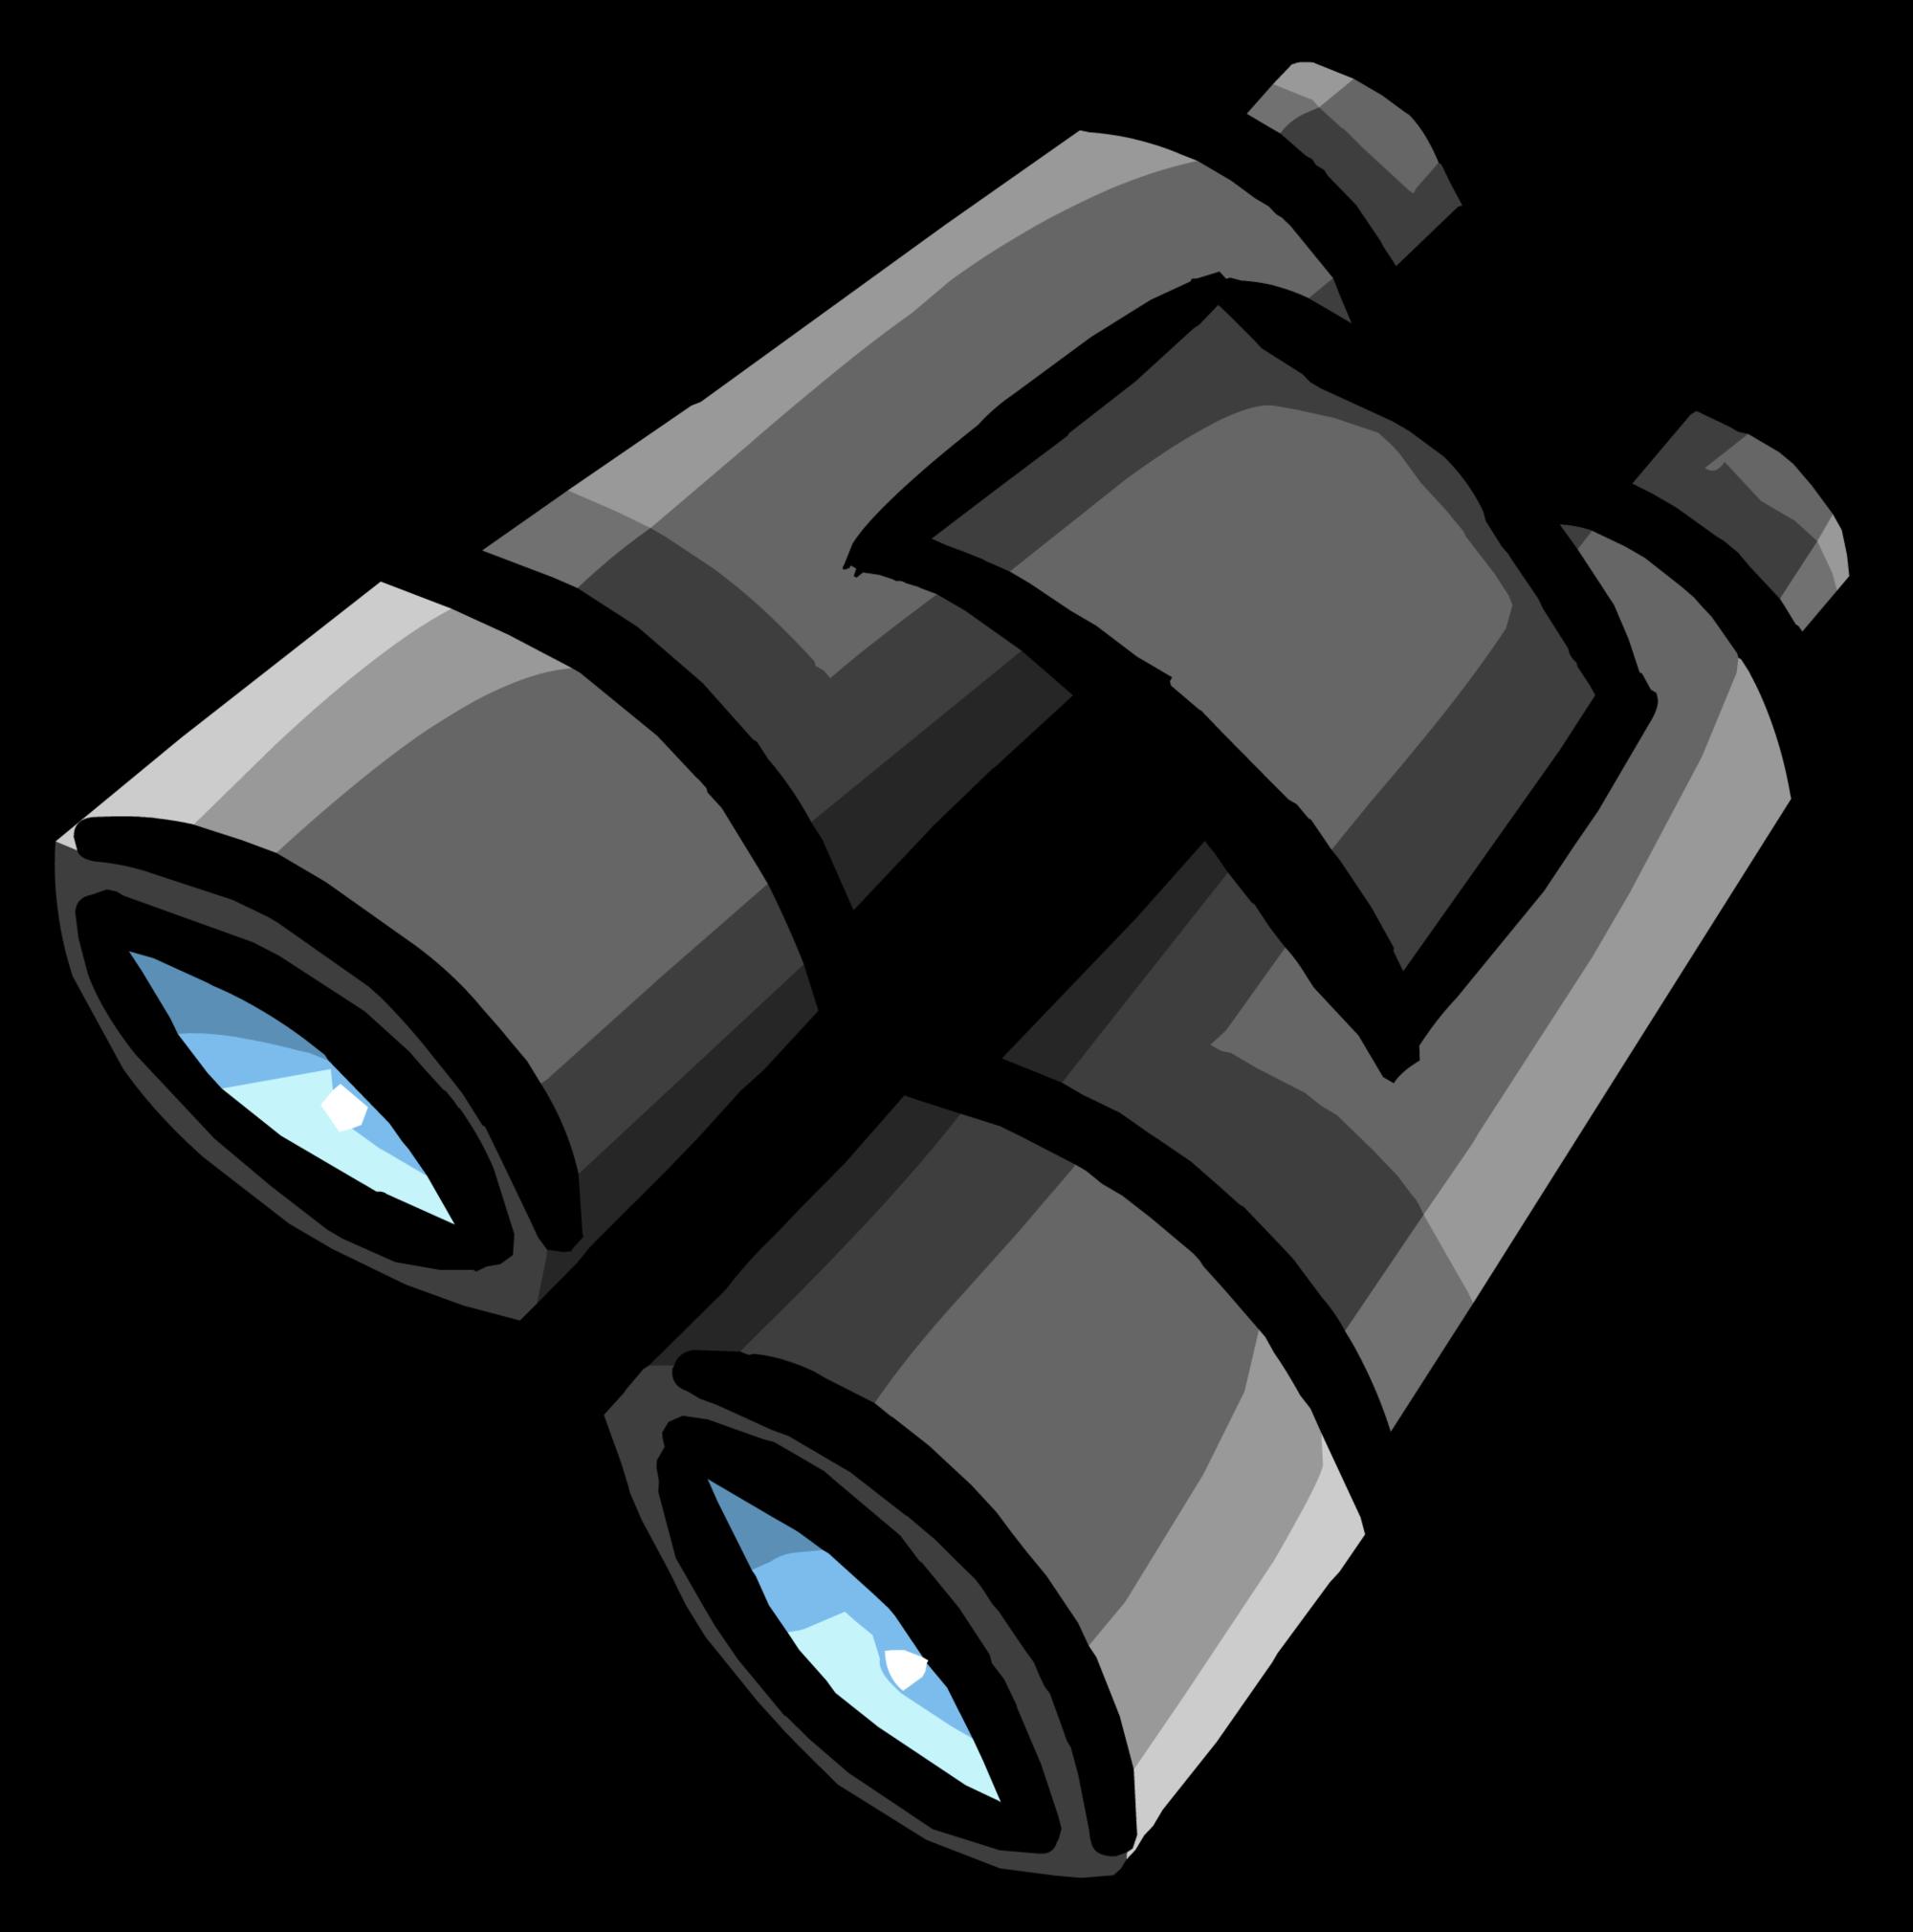 Clipart hands binoculars. Image png club penguin